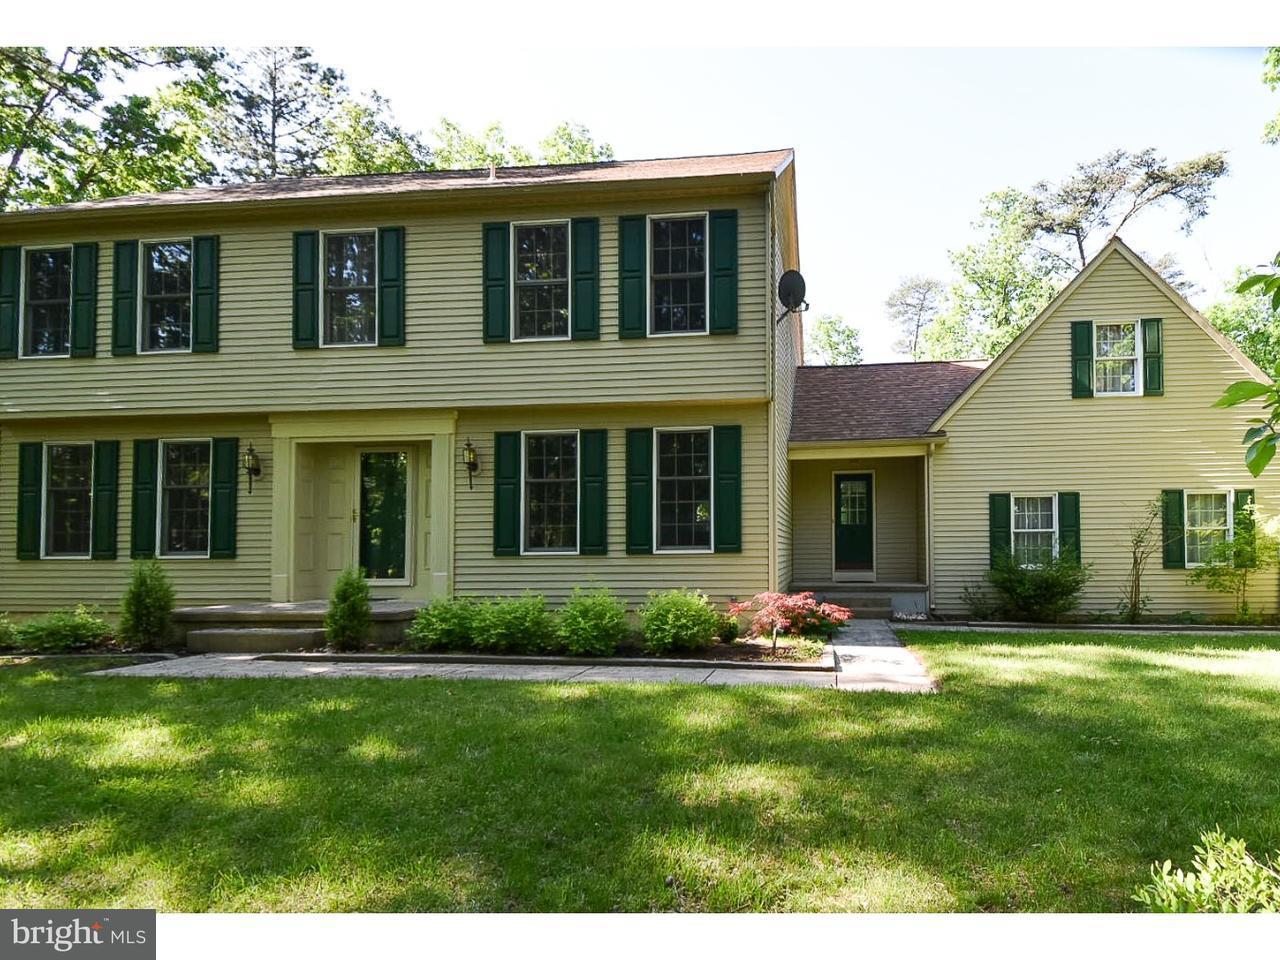 独户住宅 为 销售 在 95 FLYATT Road Shamong, 新泽西州 08088 美国